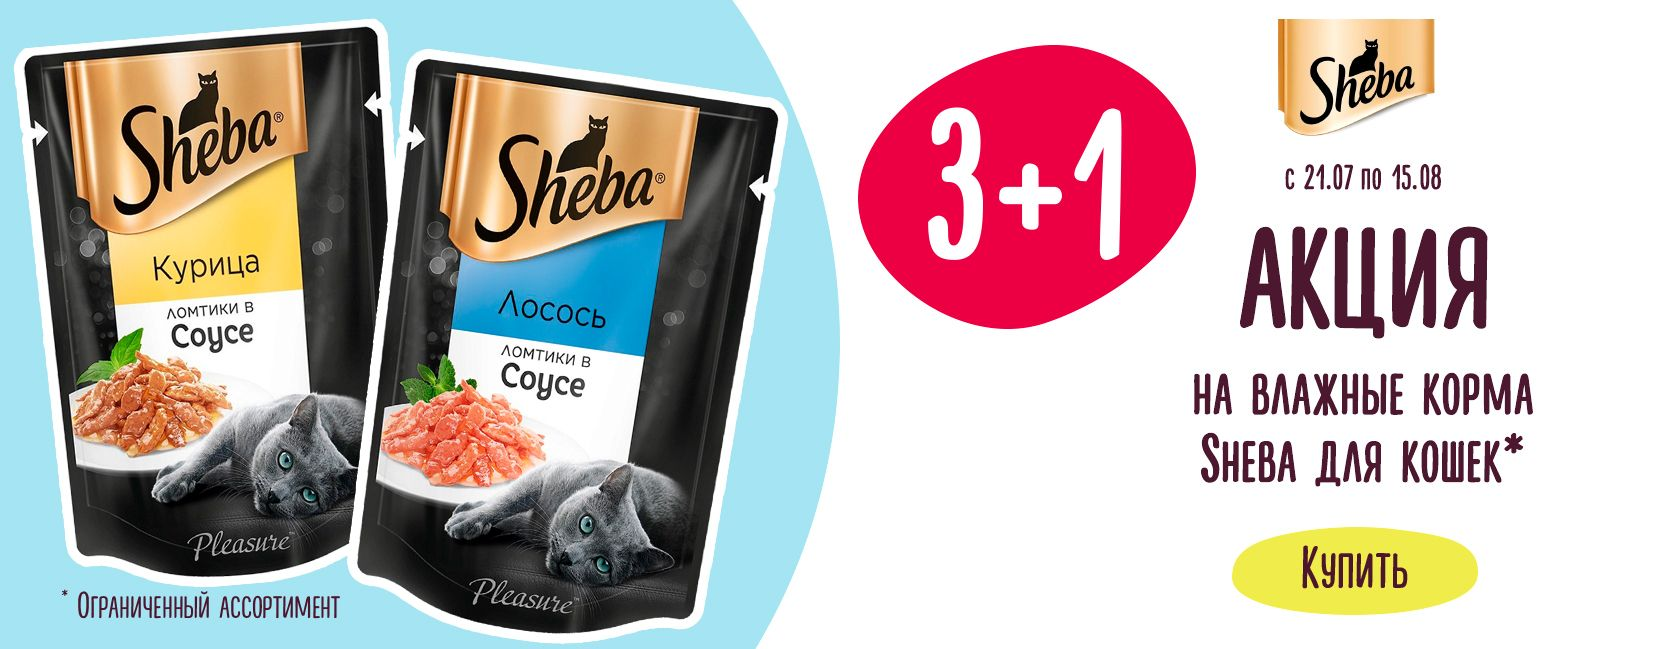 3+1 на влажные корма Sheba для кошек